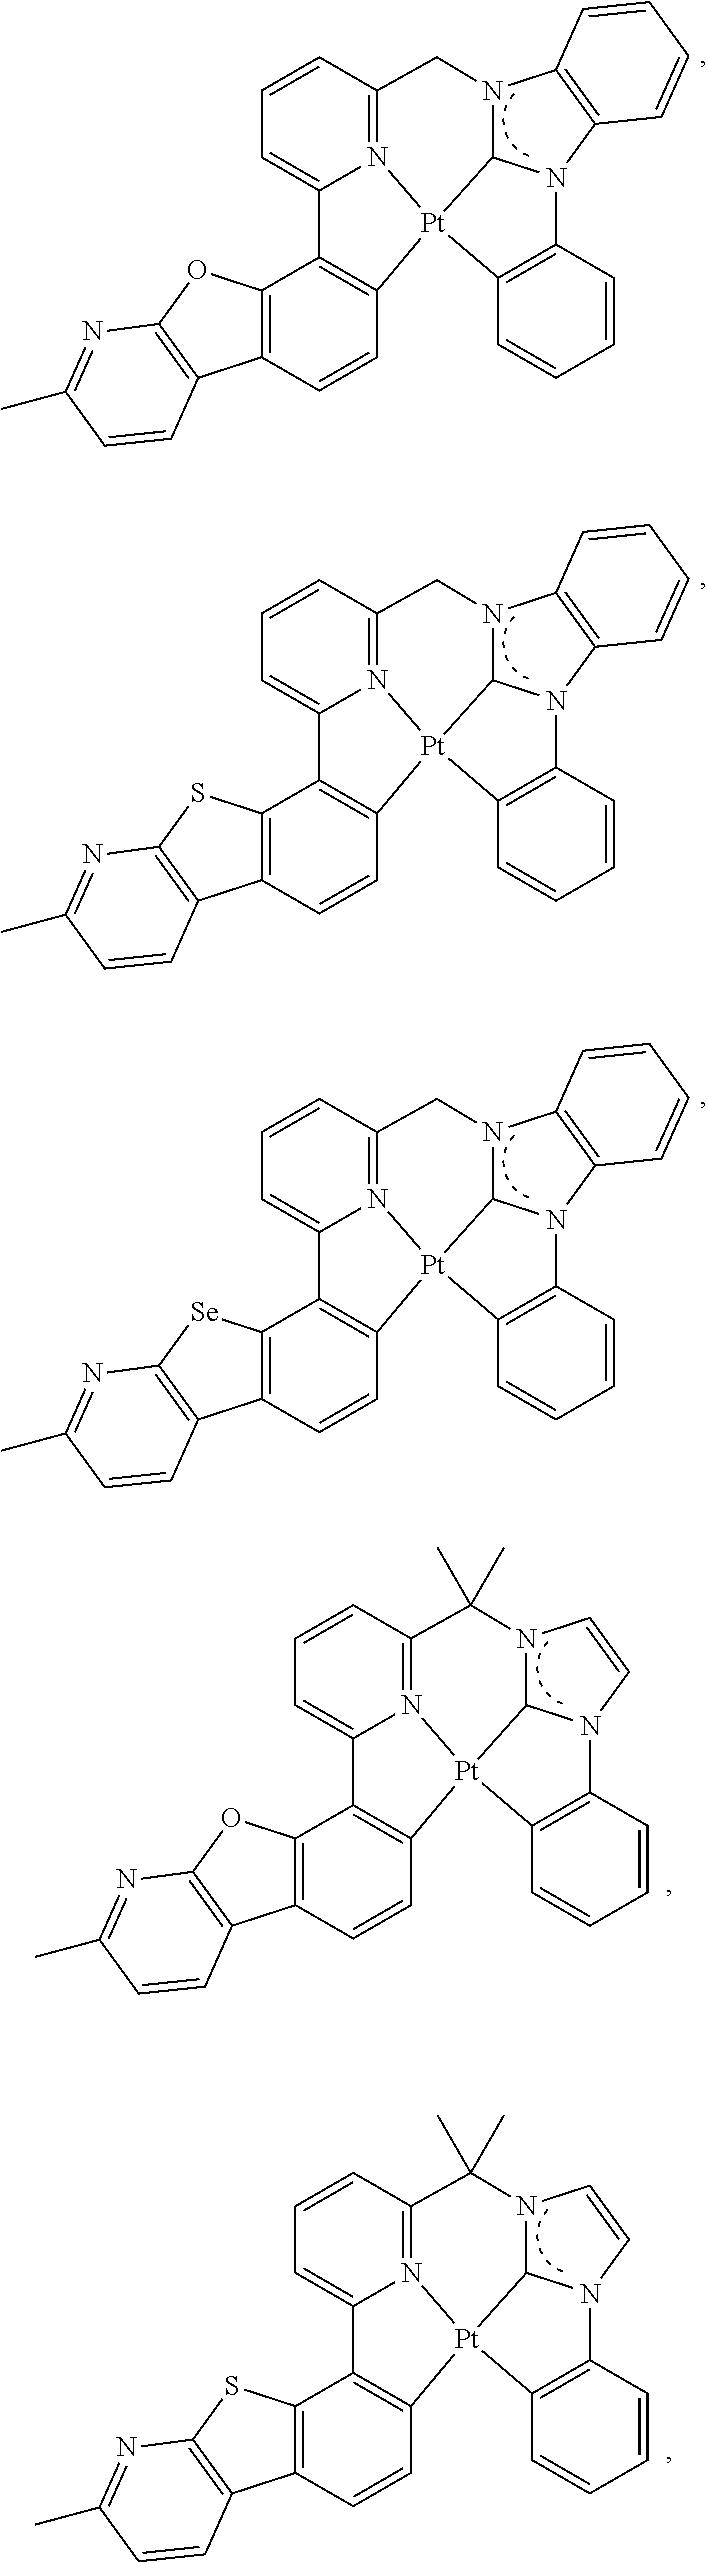 Figure US09871214-20180116-C00308